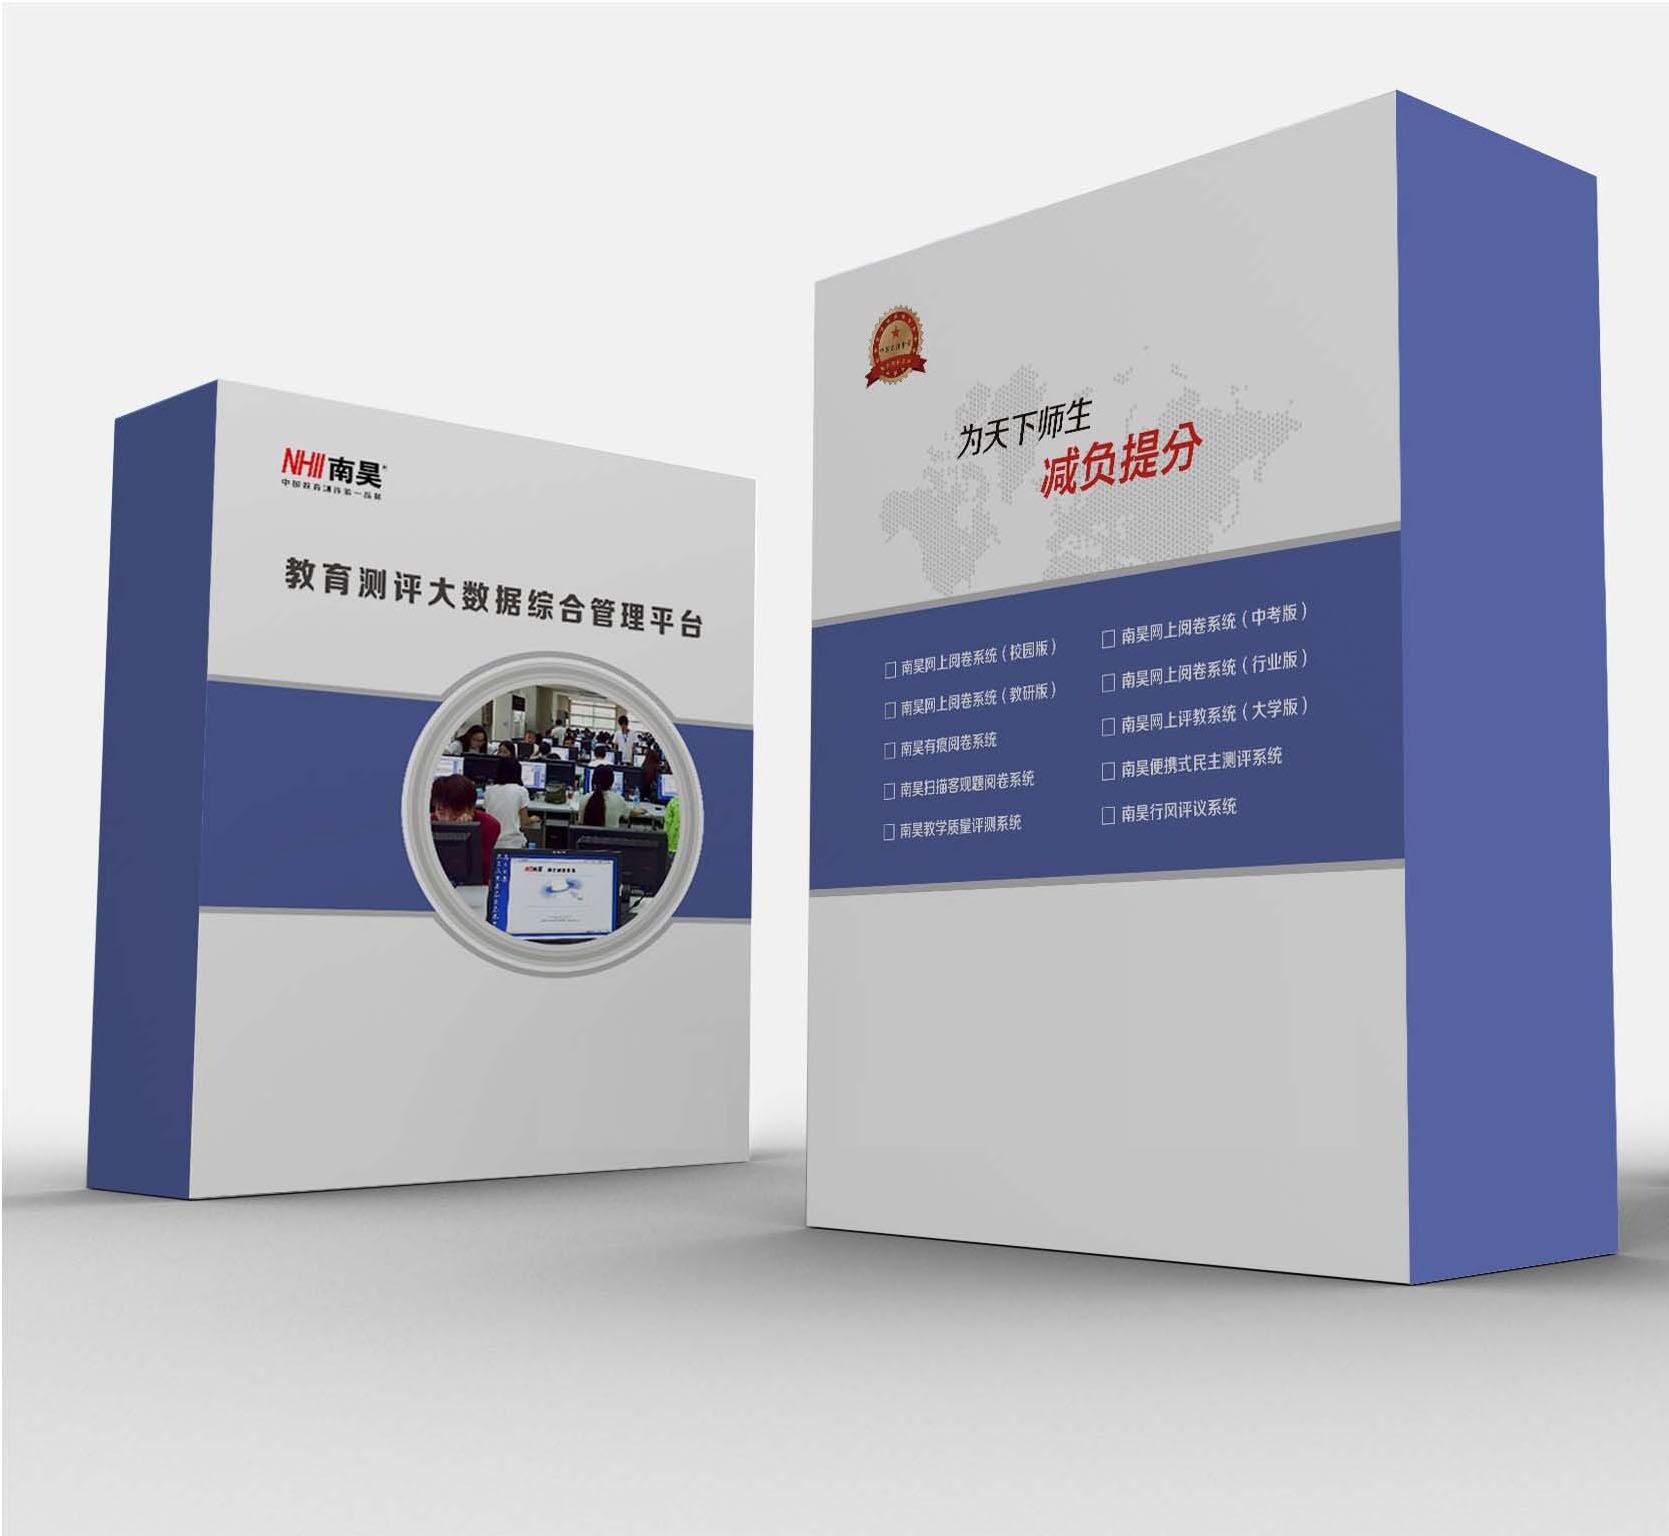 淇县网上阅卷系统 网上阅卷系统厂家大优惠|新闻动态-河北省南昊高新技术开发有限公司